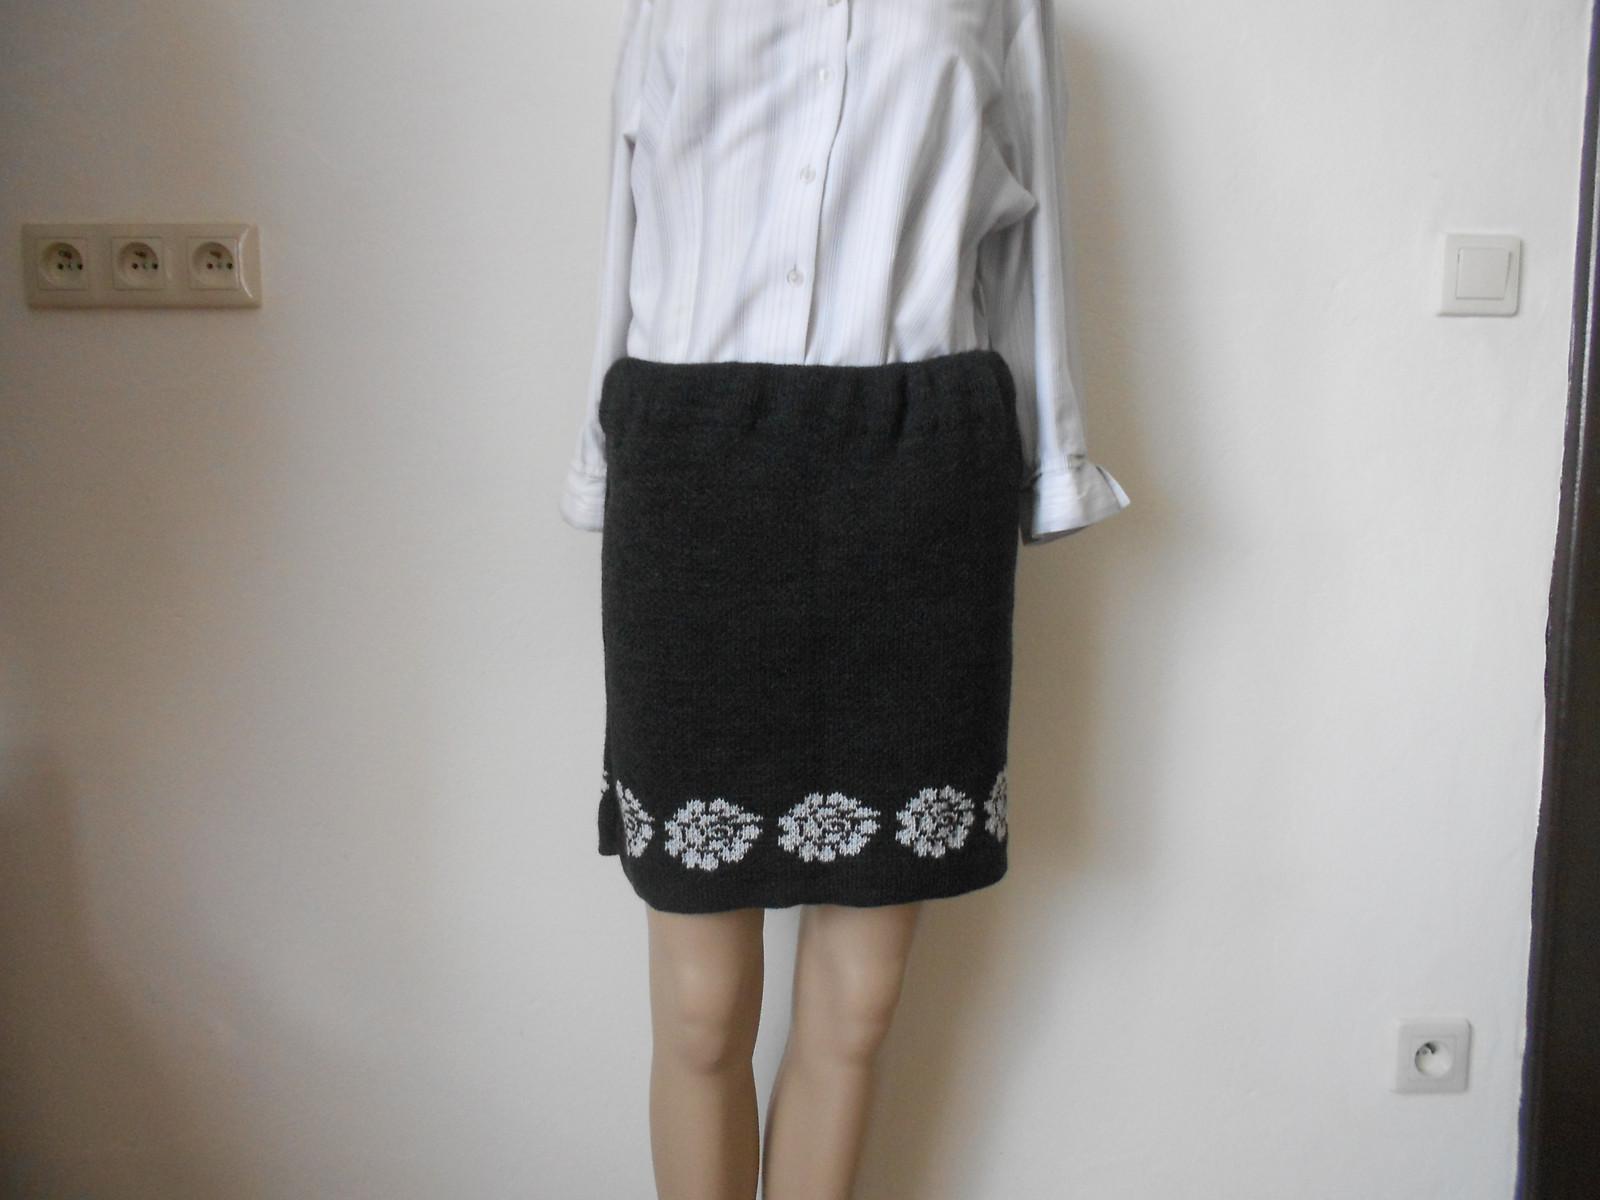 Dámská pletená sukně   Zboží prodejce mi-pi  861f9896fd